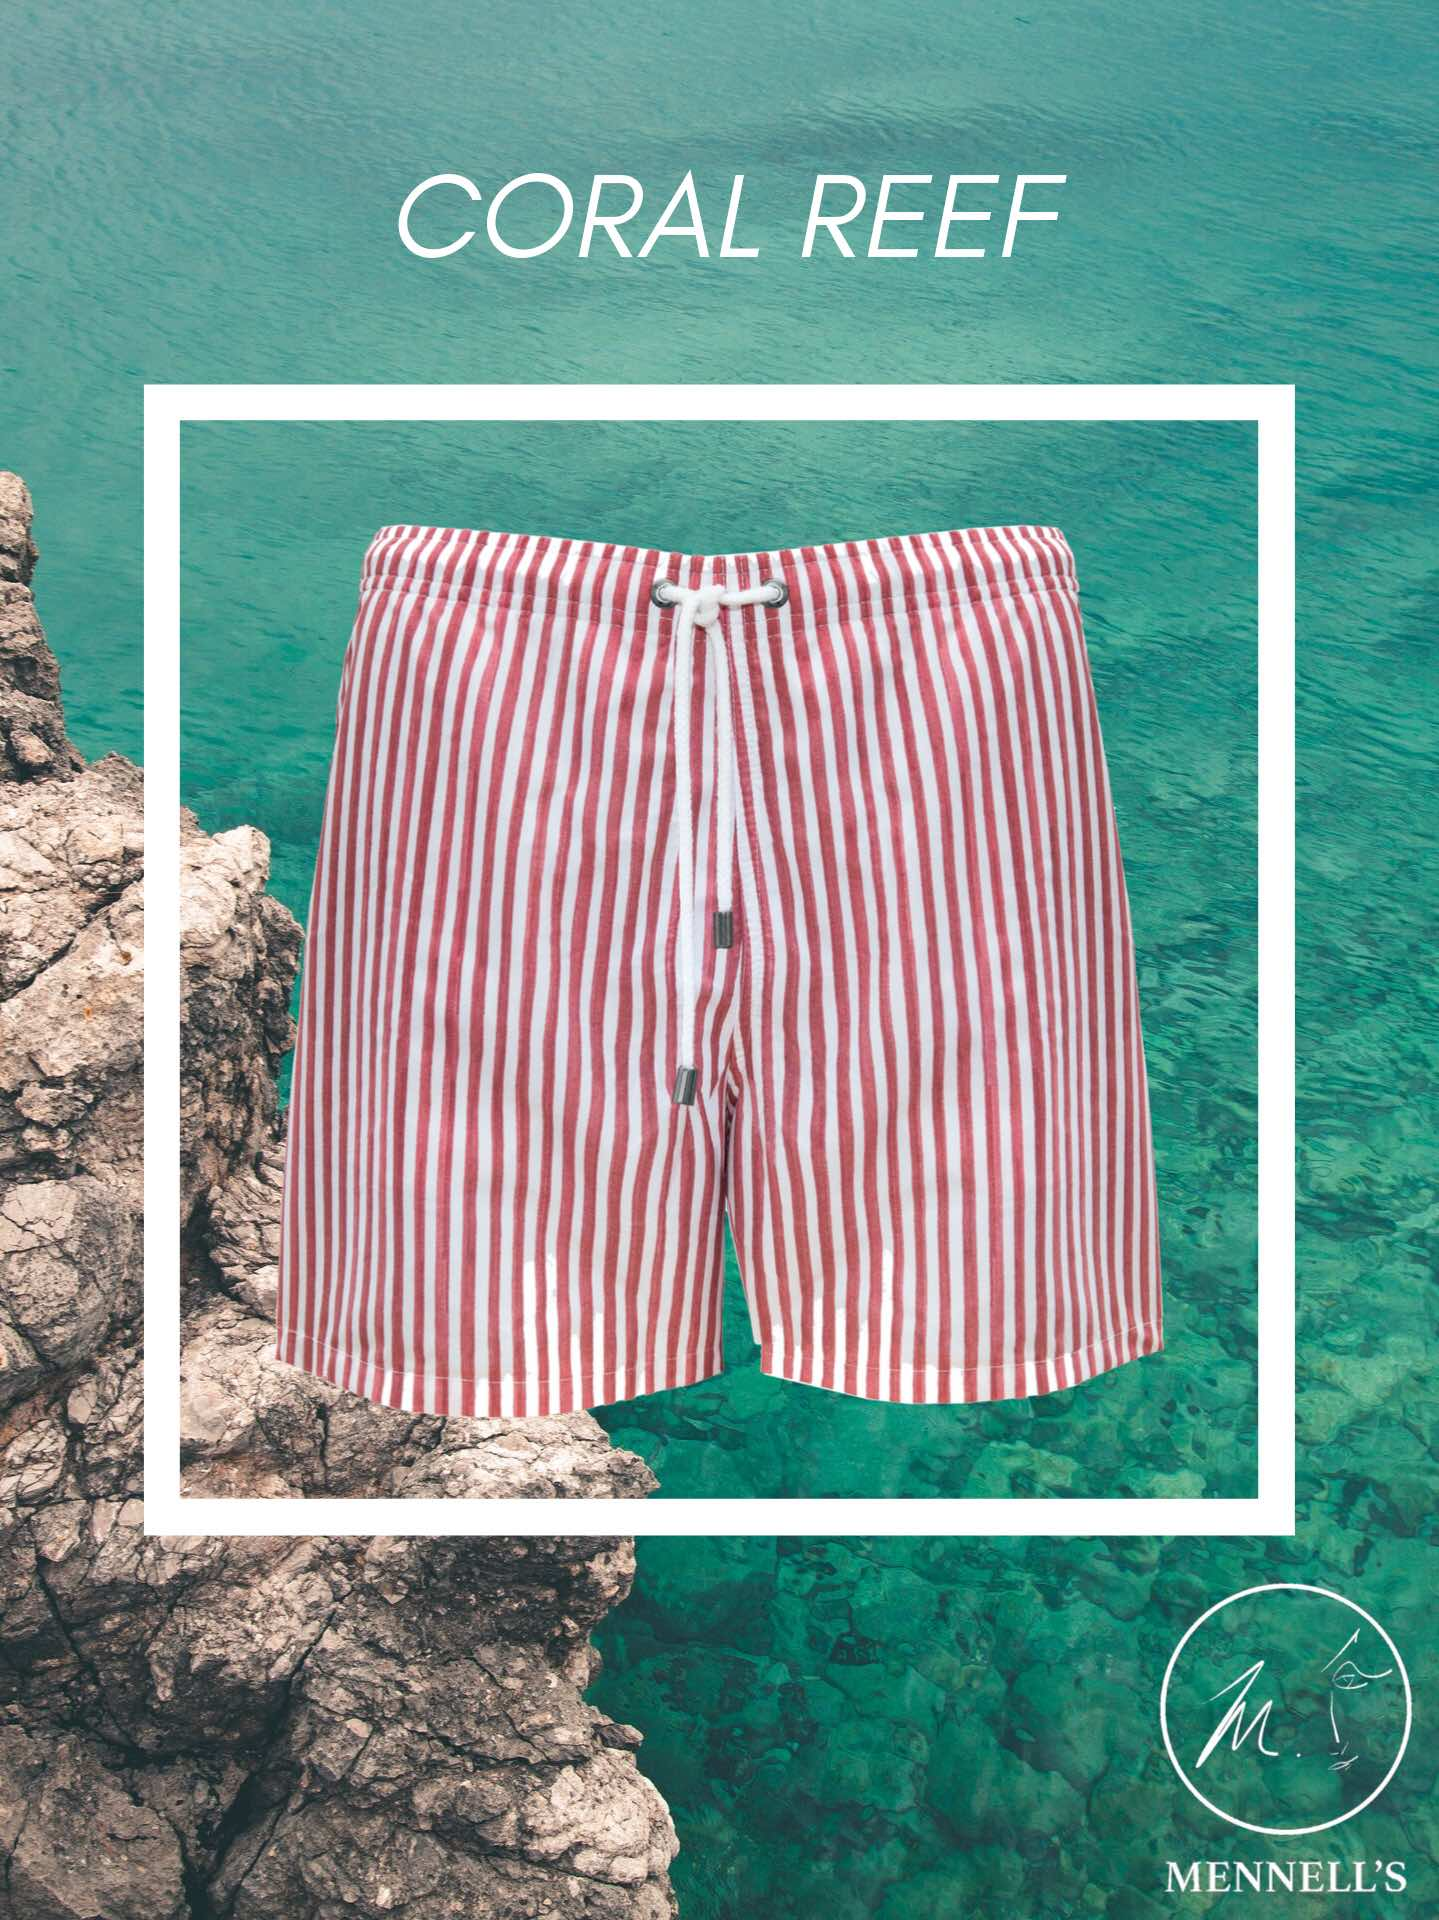 Red Striped Swim Trunks